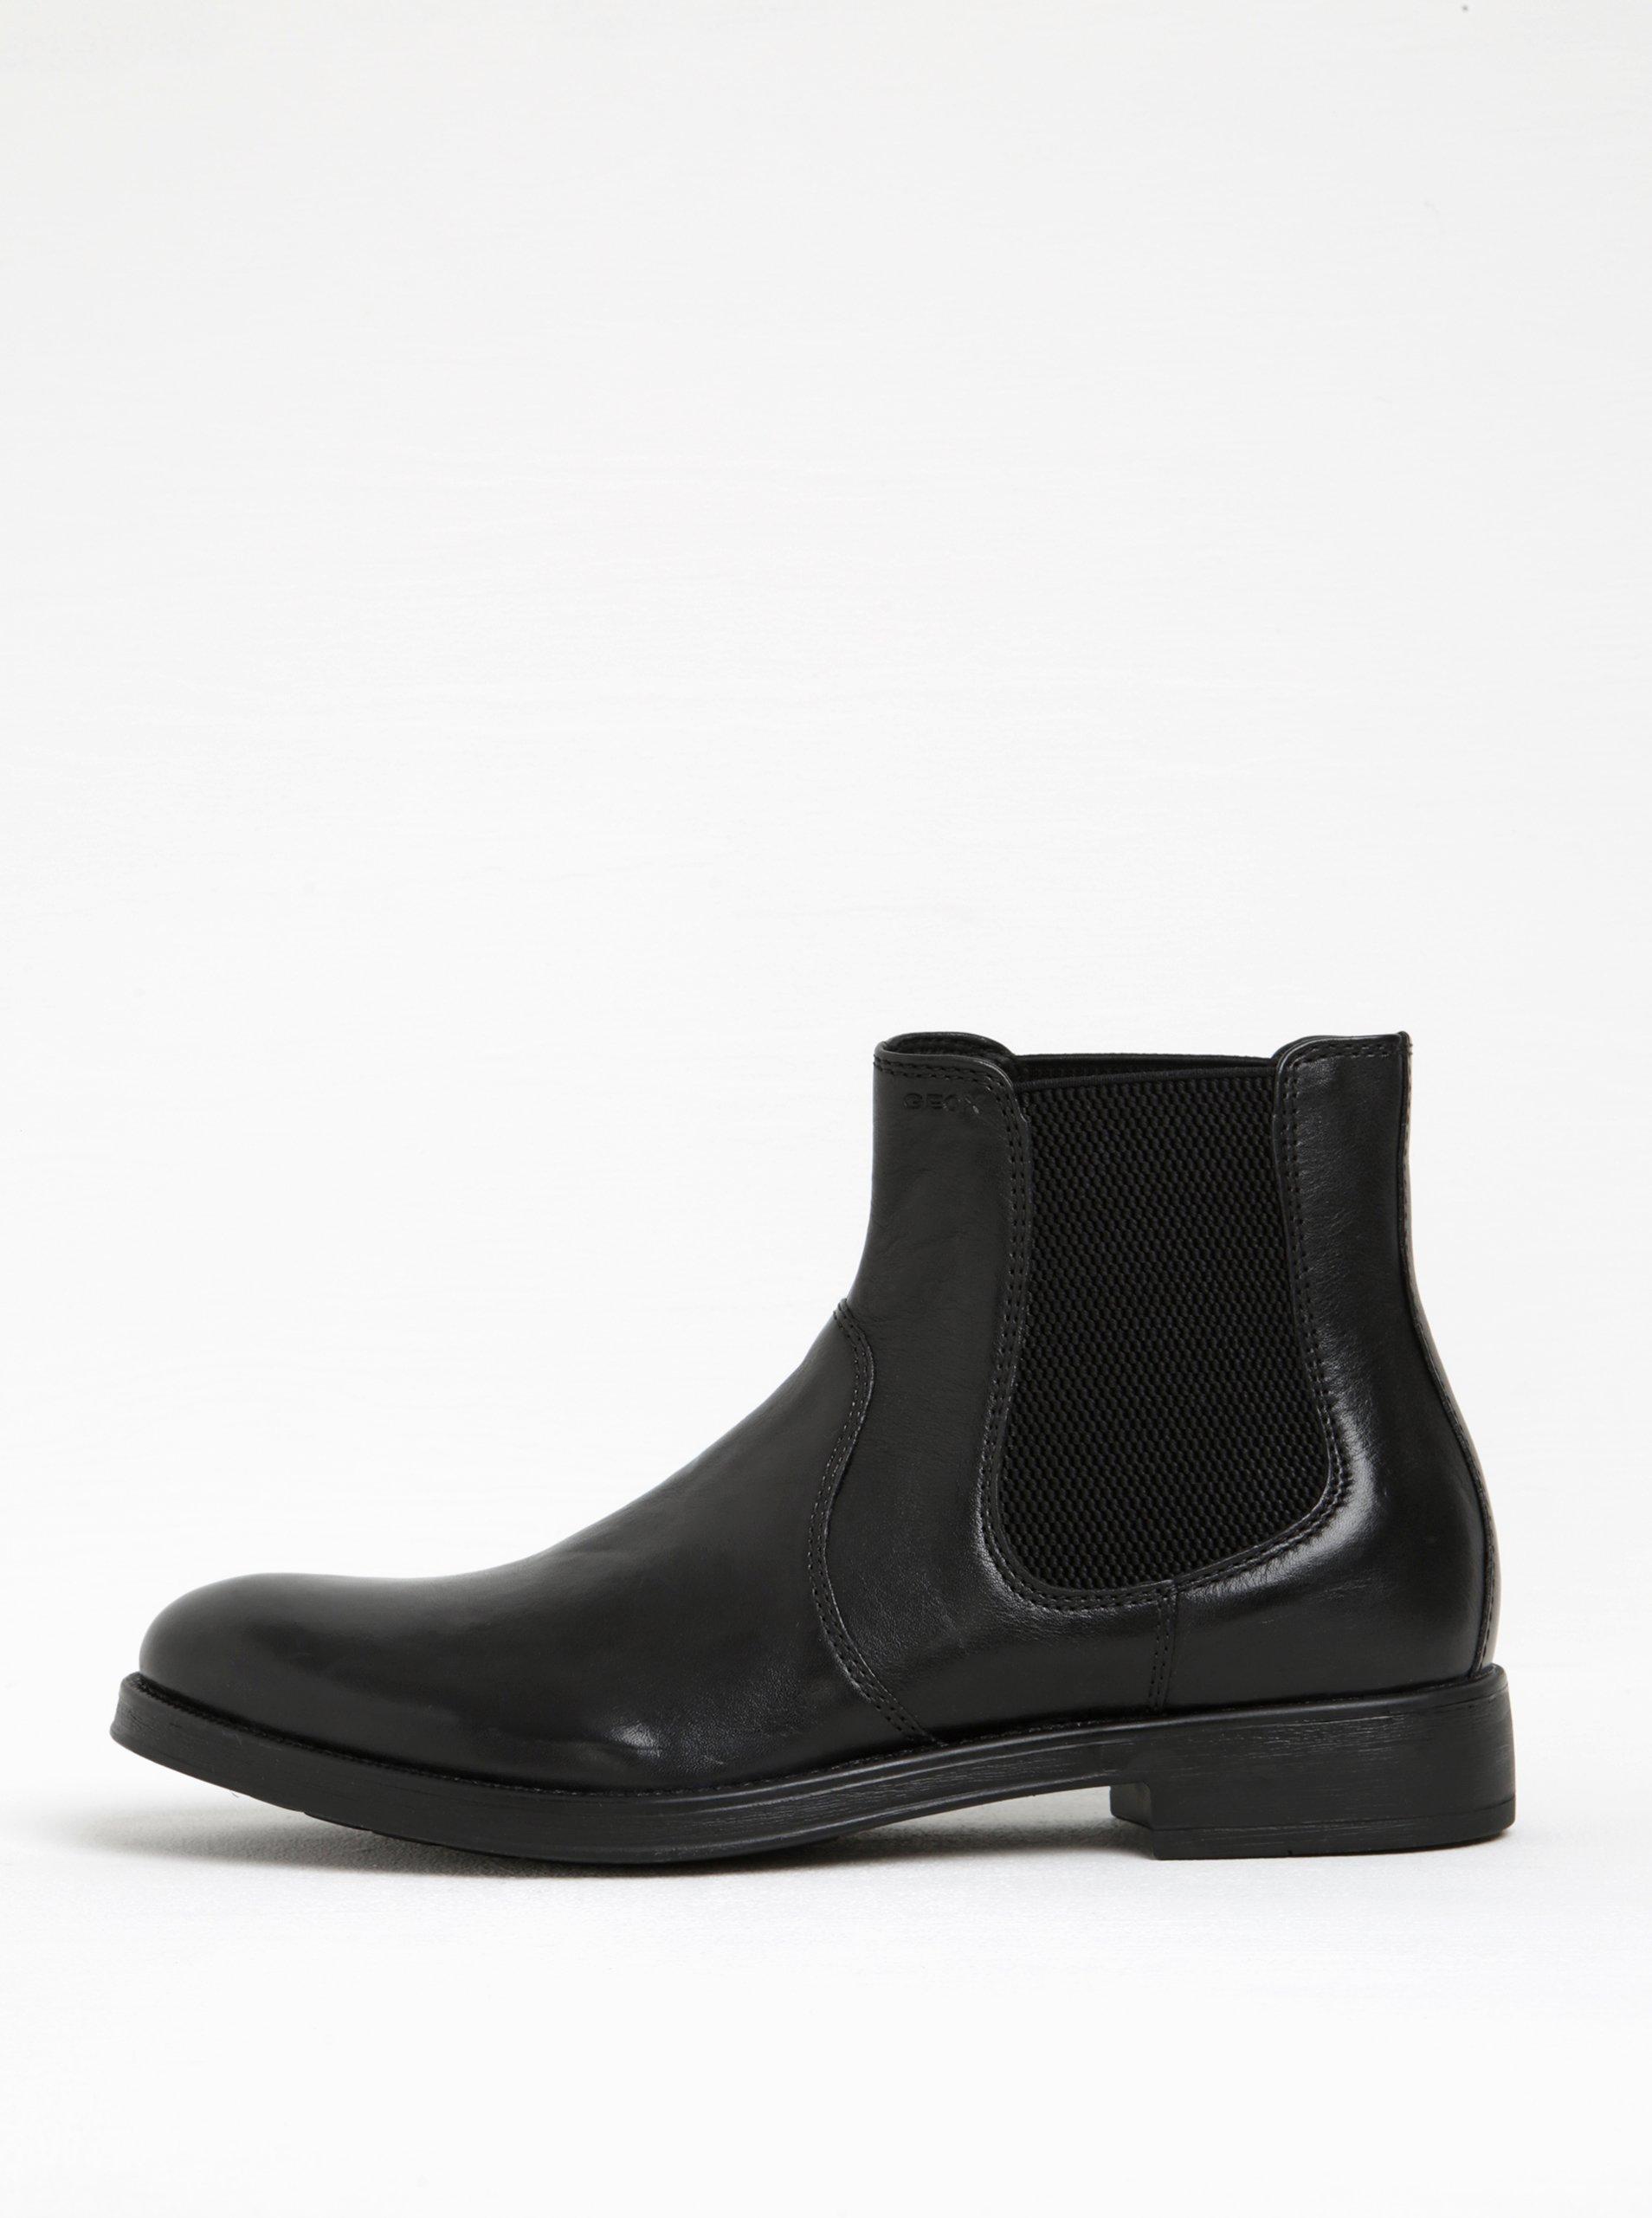 757760c8af Čierne pánske kožené chelsea topánky Geox Blaxe B